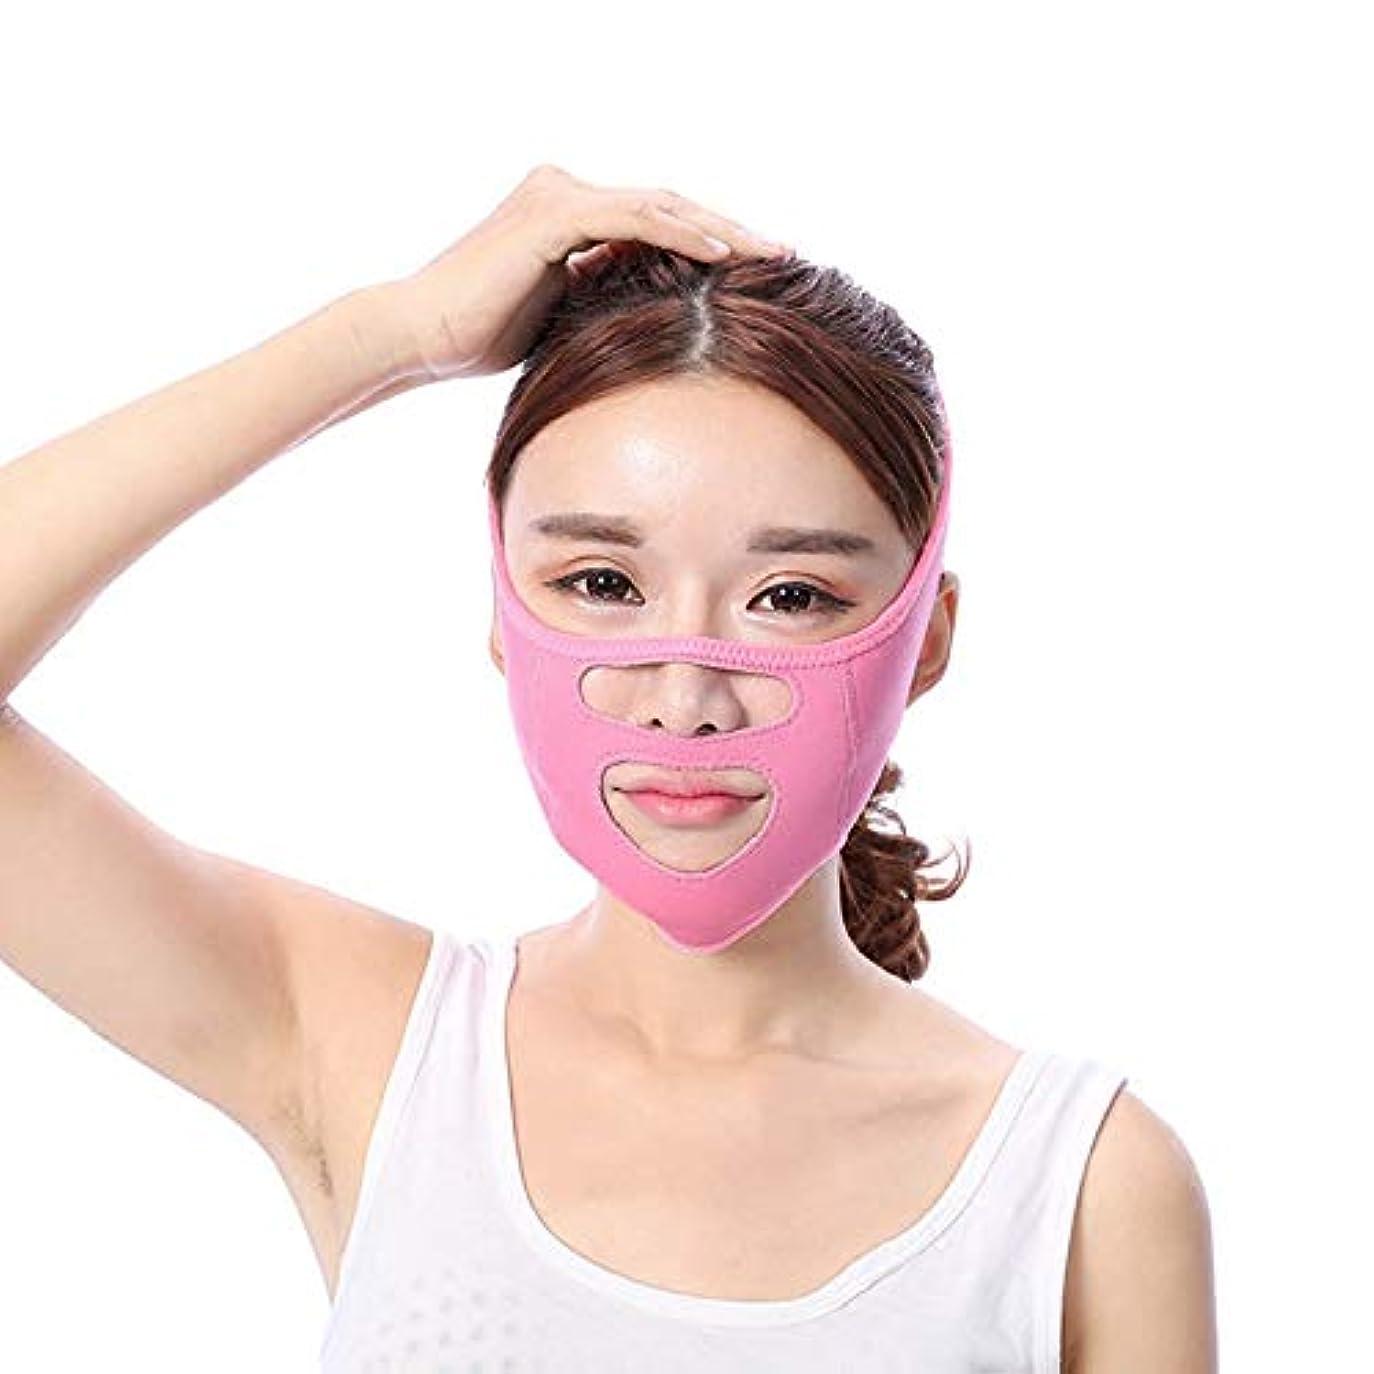 傑作通知機械的にフェイスリフトベルトフェイスバンデージ美容機器リフティングファインディングダブルチン法令Vマスク睡眠マスク通気性 美しさ